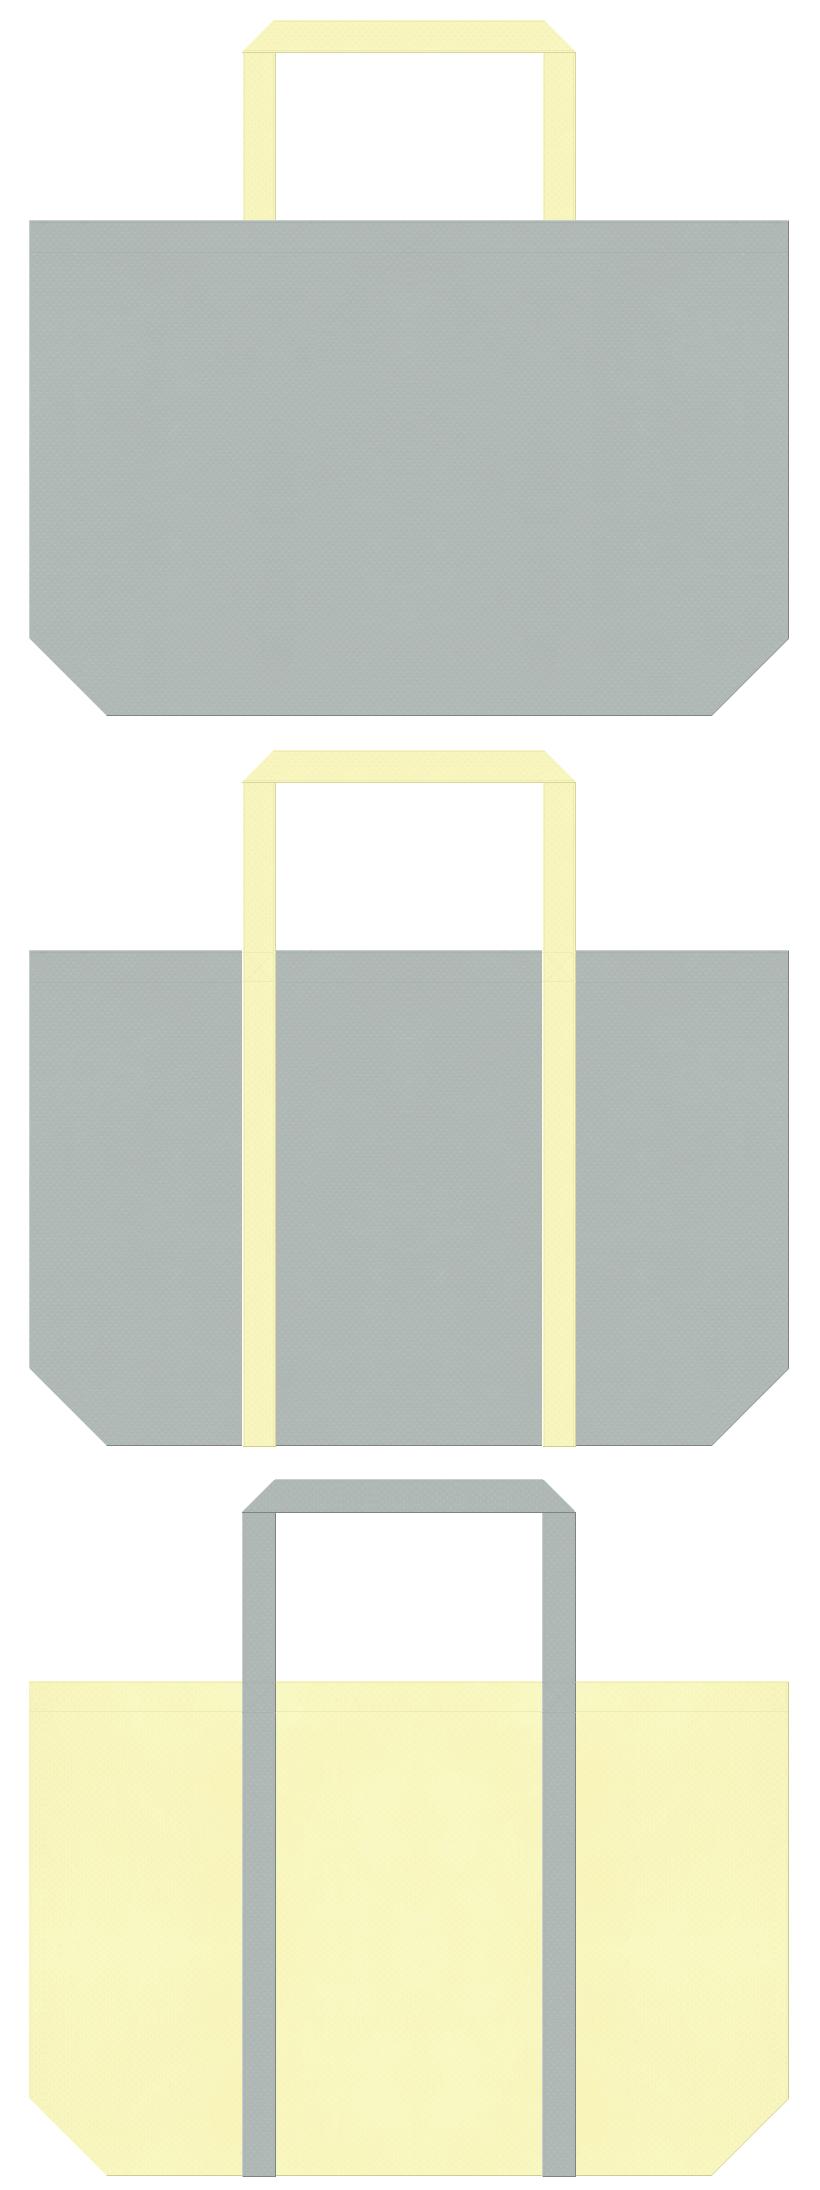 グレー色と薄黄色の不織布エコバッグのデザイン。照明器具のイメージにお奨めの配色です。